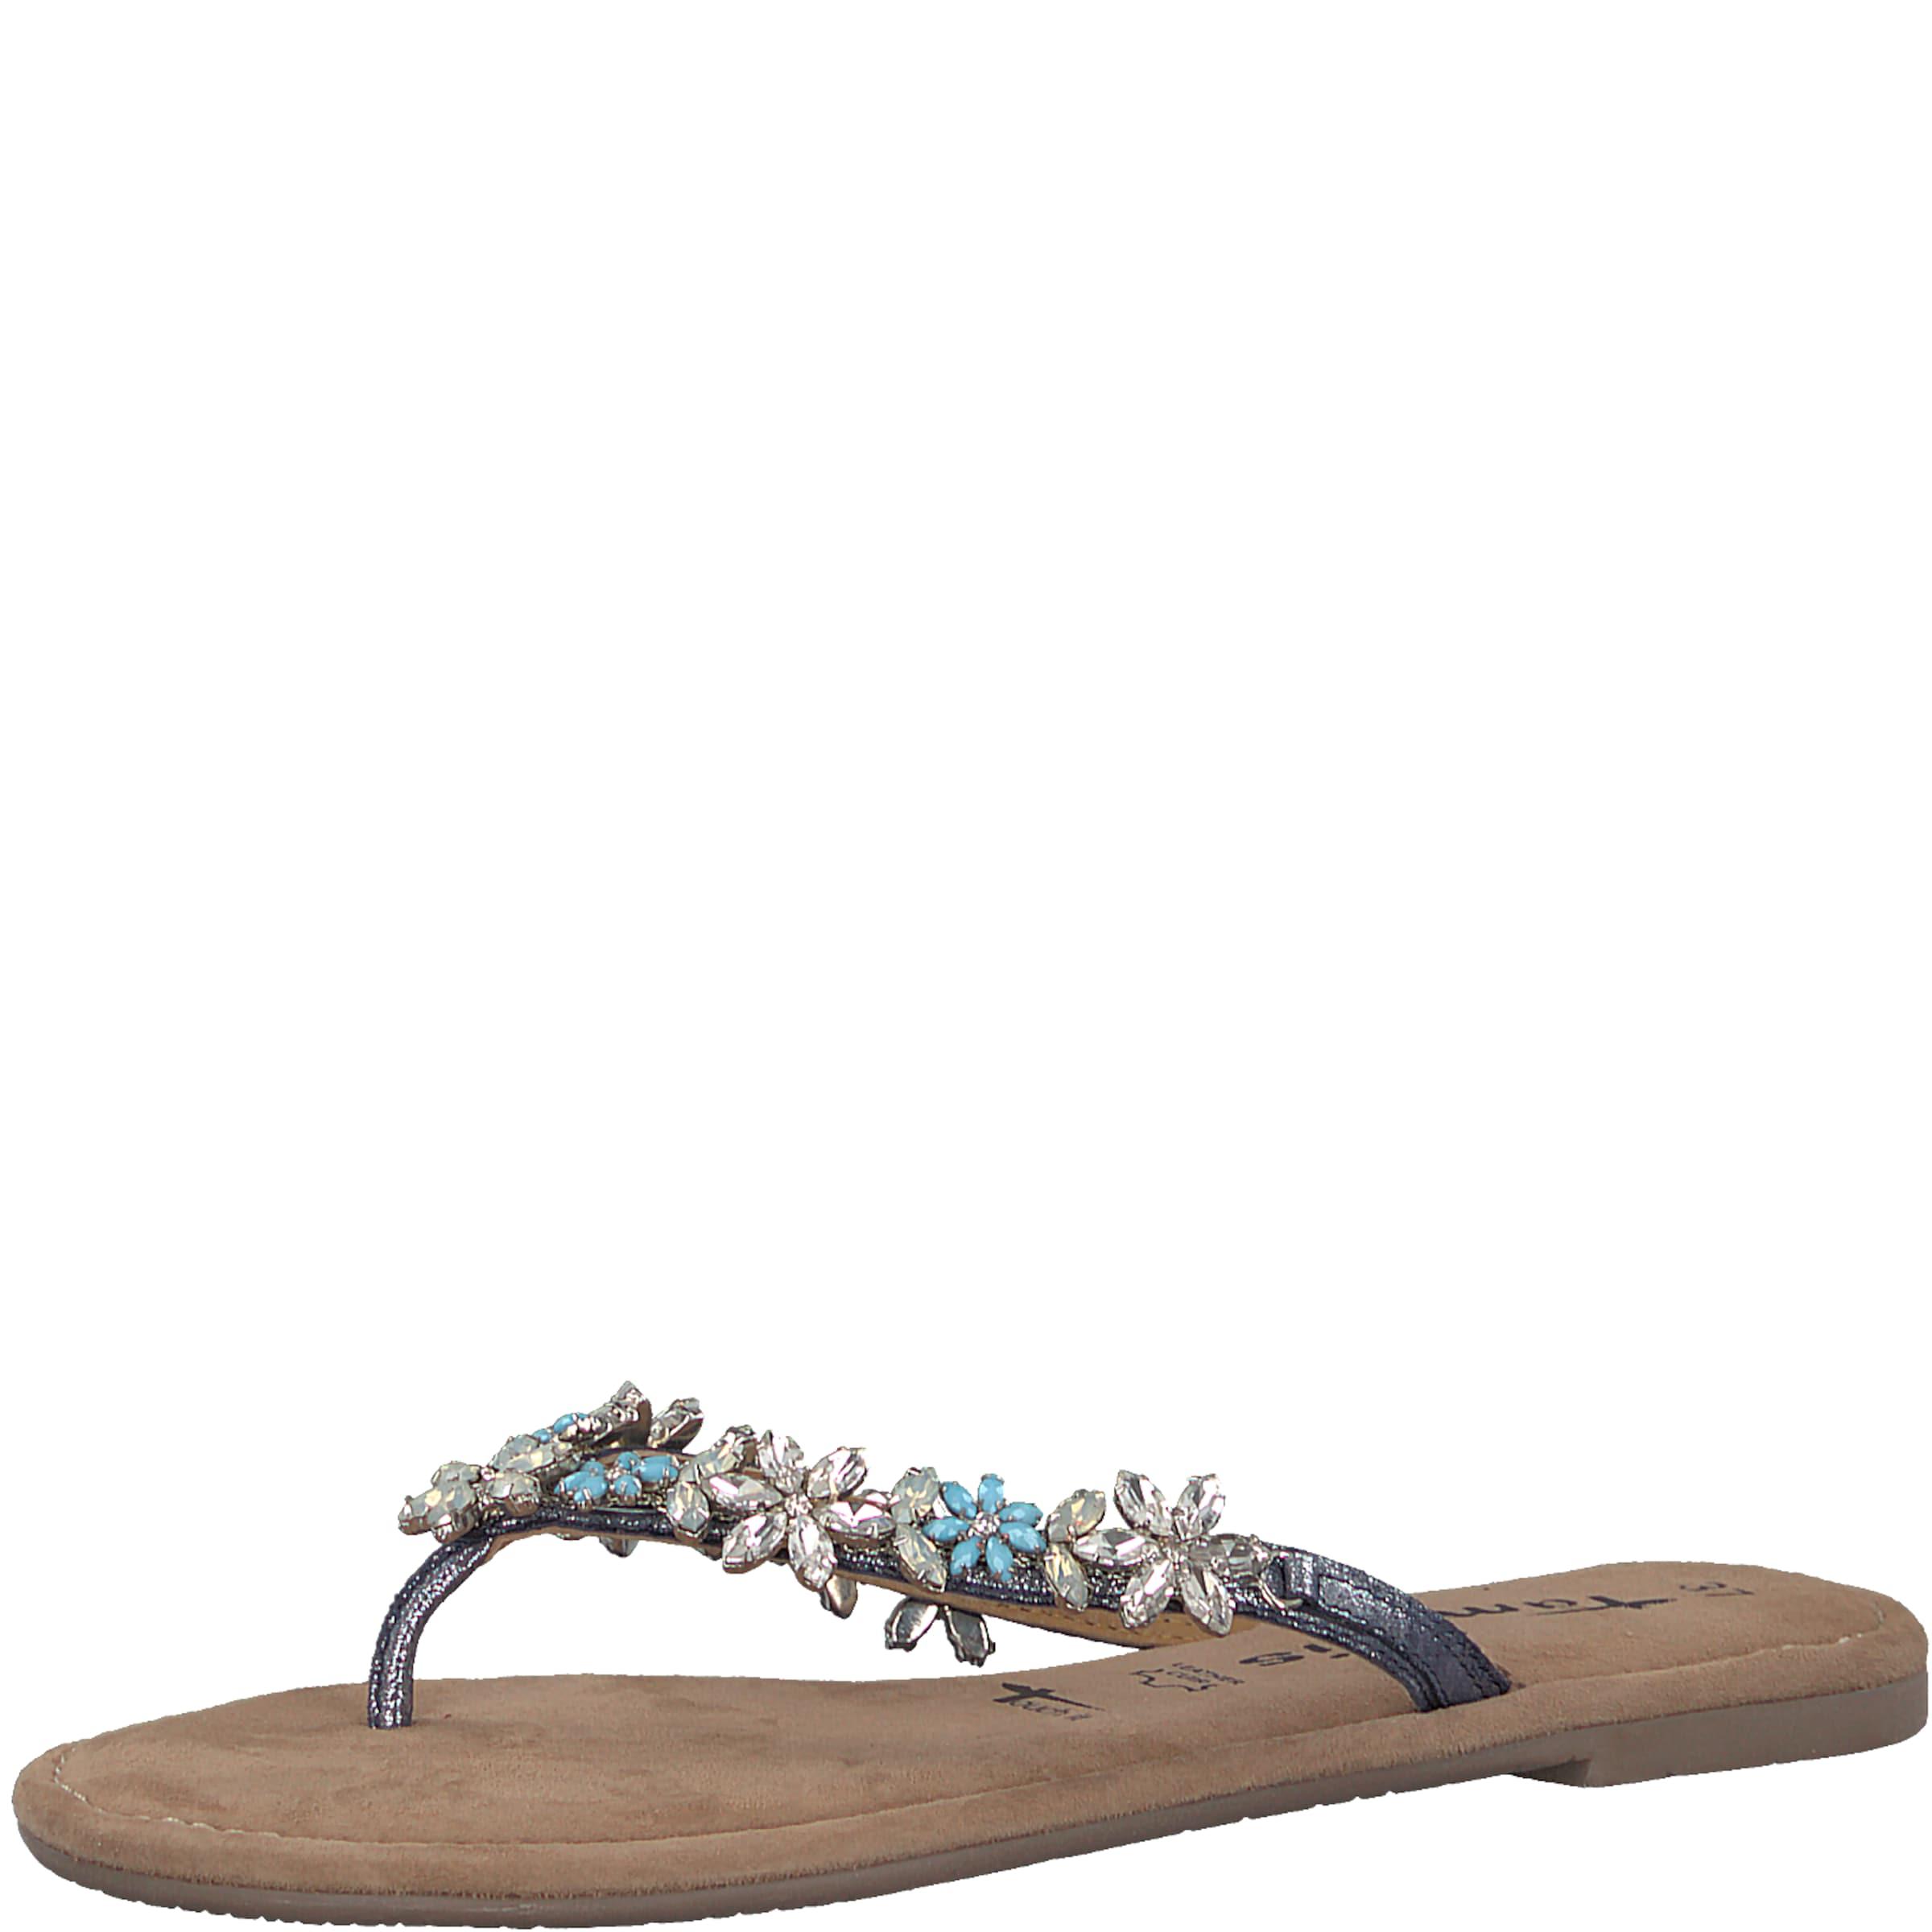 TAMARIS Zehentrenner Günstige und langlebige Schuhe